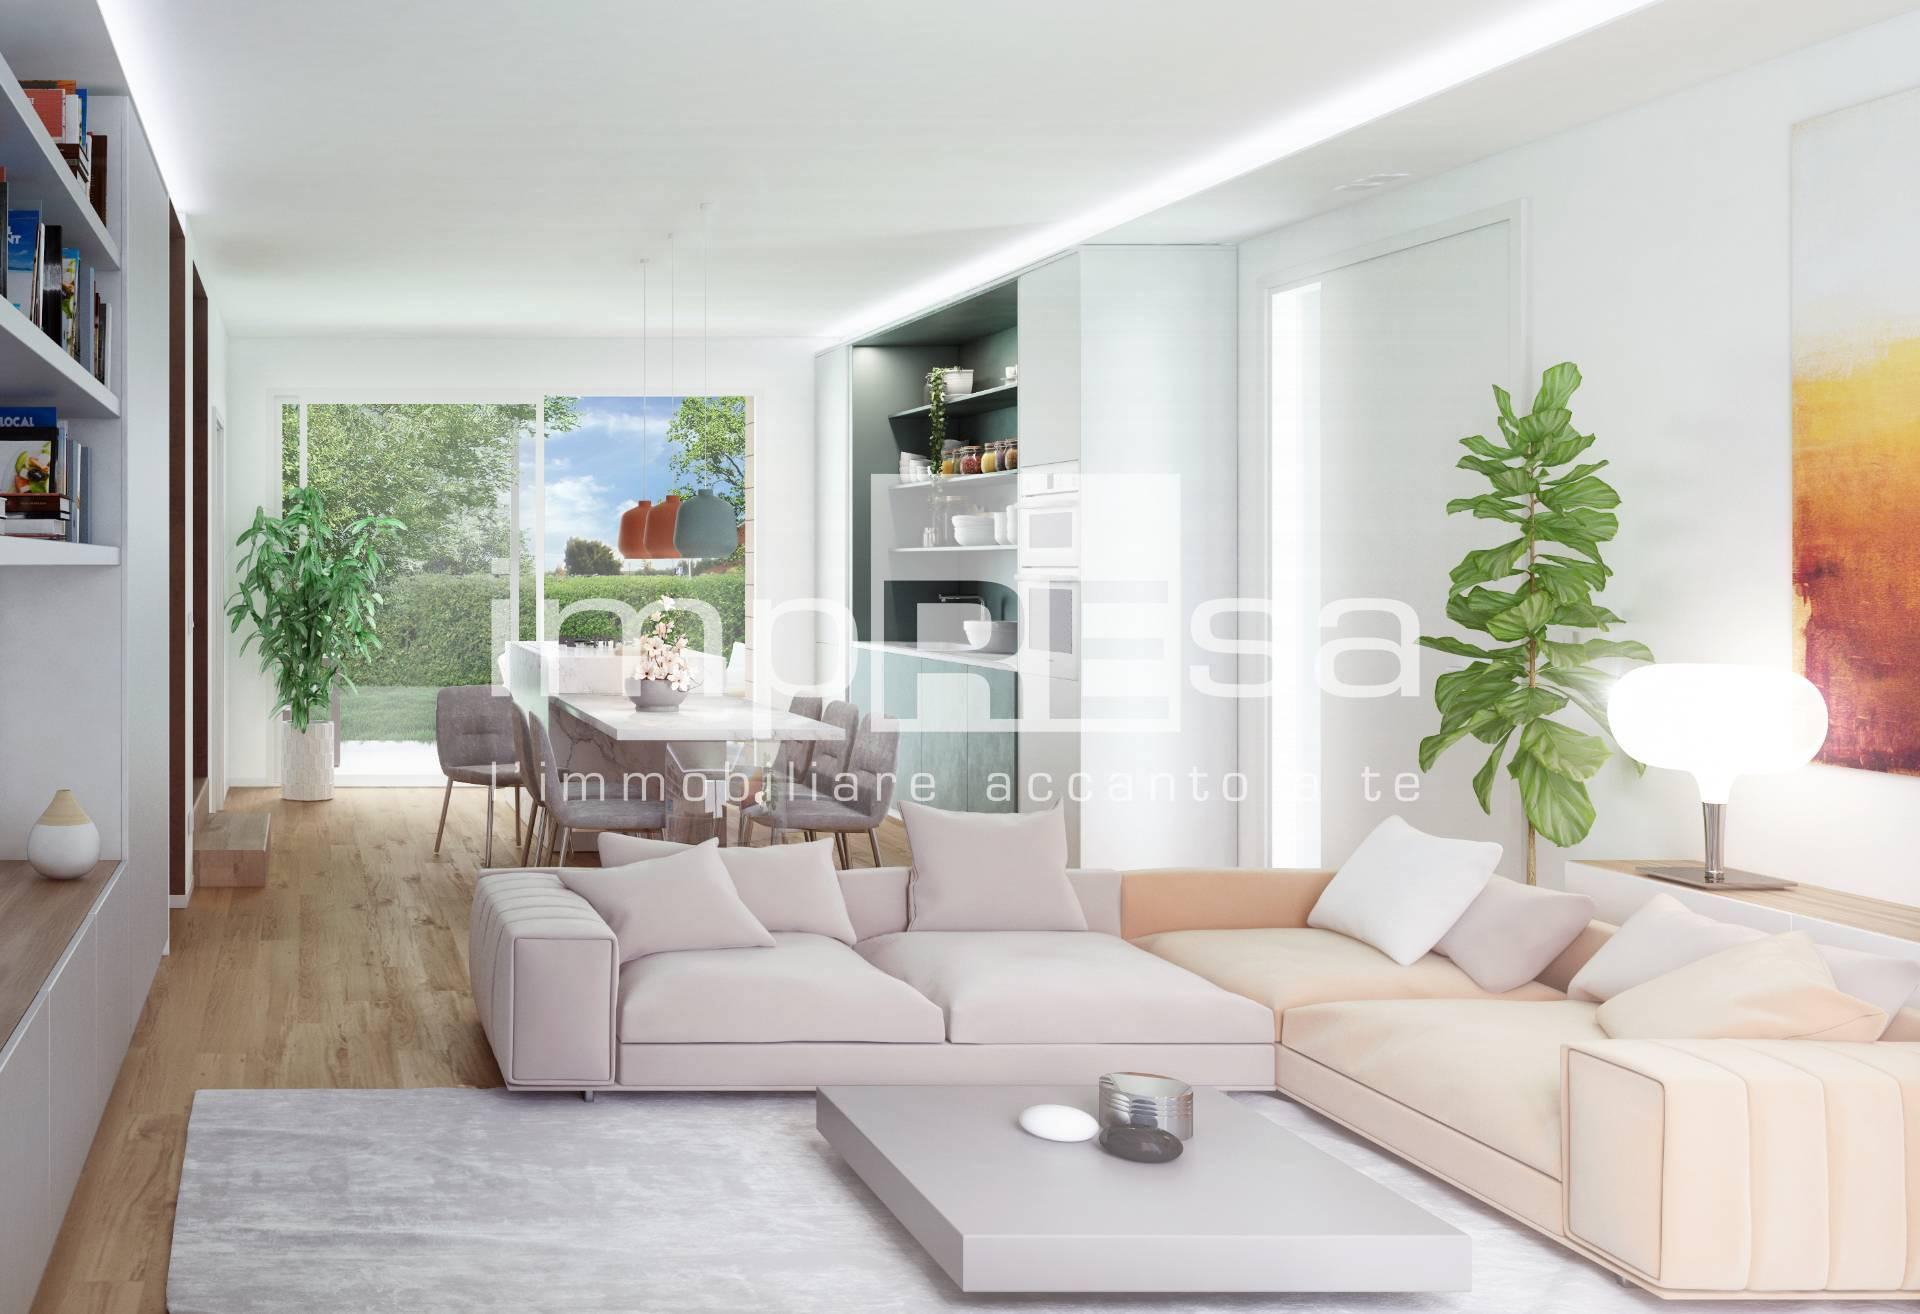 Appartamento in vendita a Silea, 6 locali, zona Località: S.Elena, prezzo € 248.000 | PortaleAgenzieImmobiliari.it